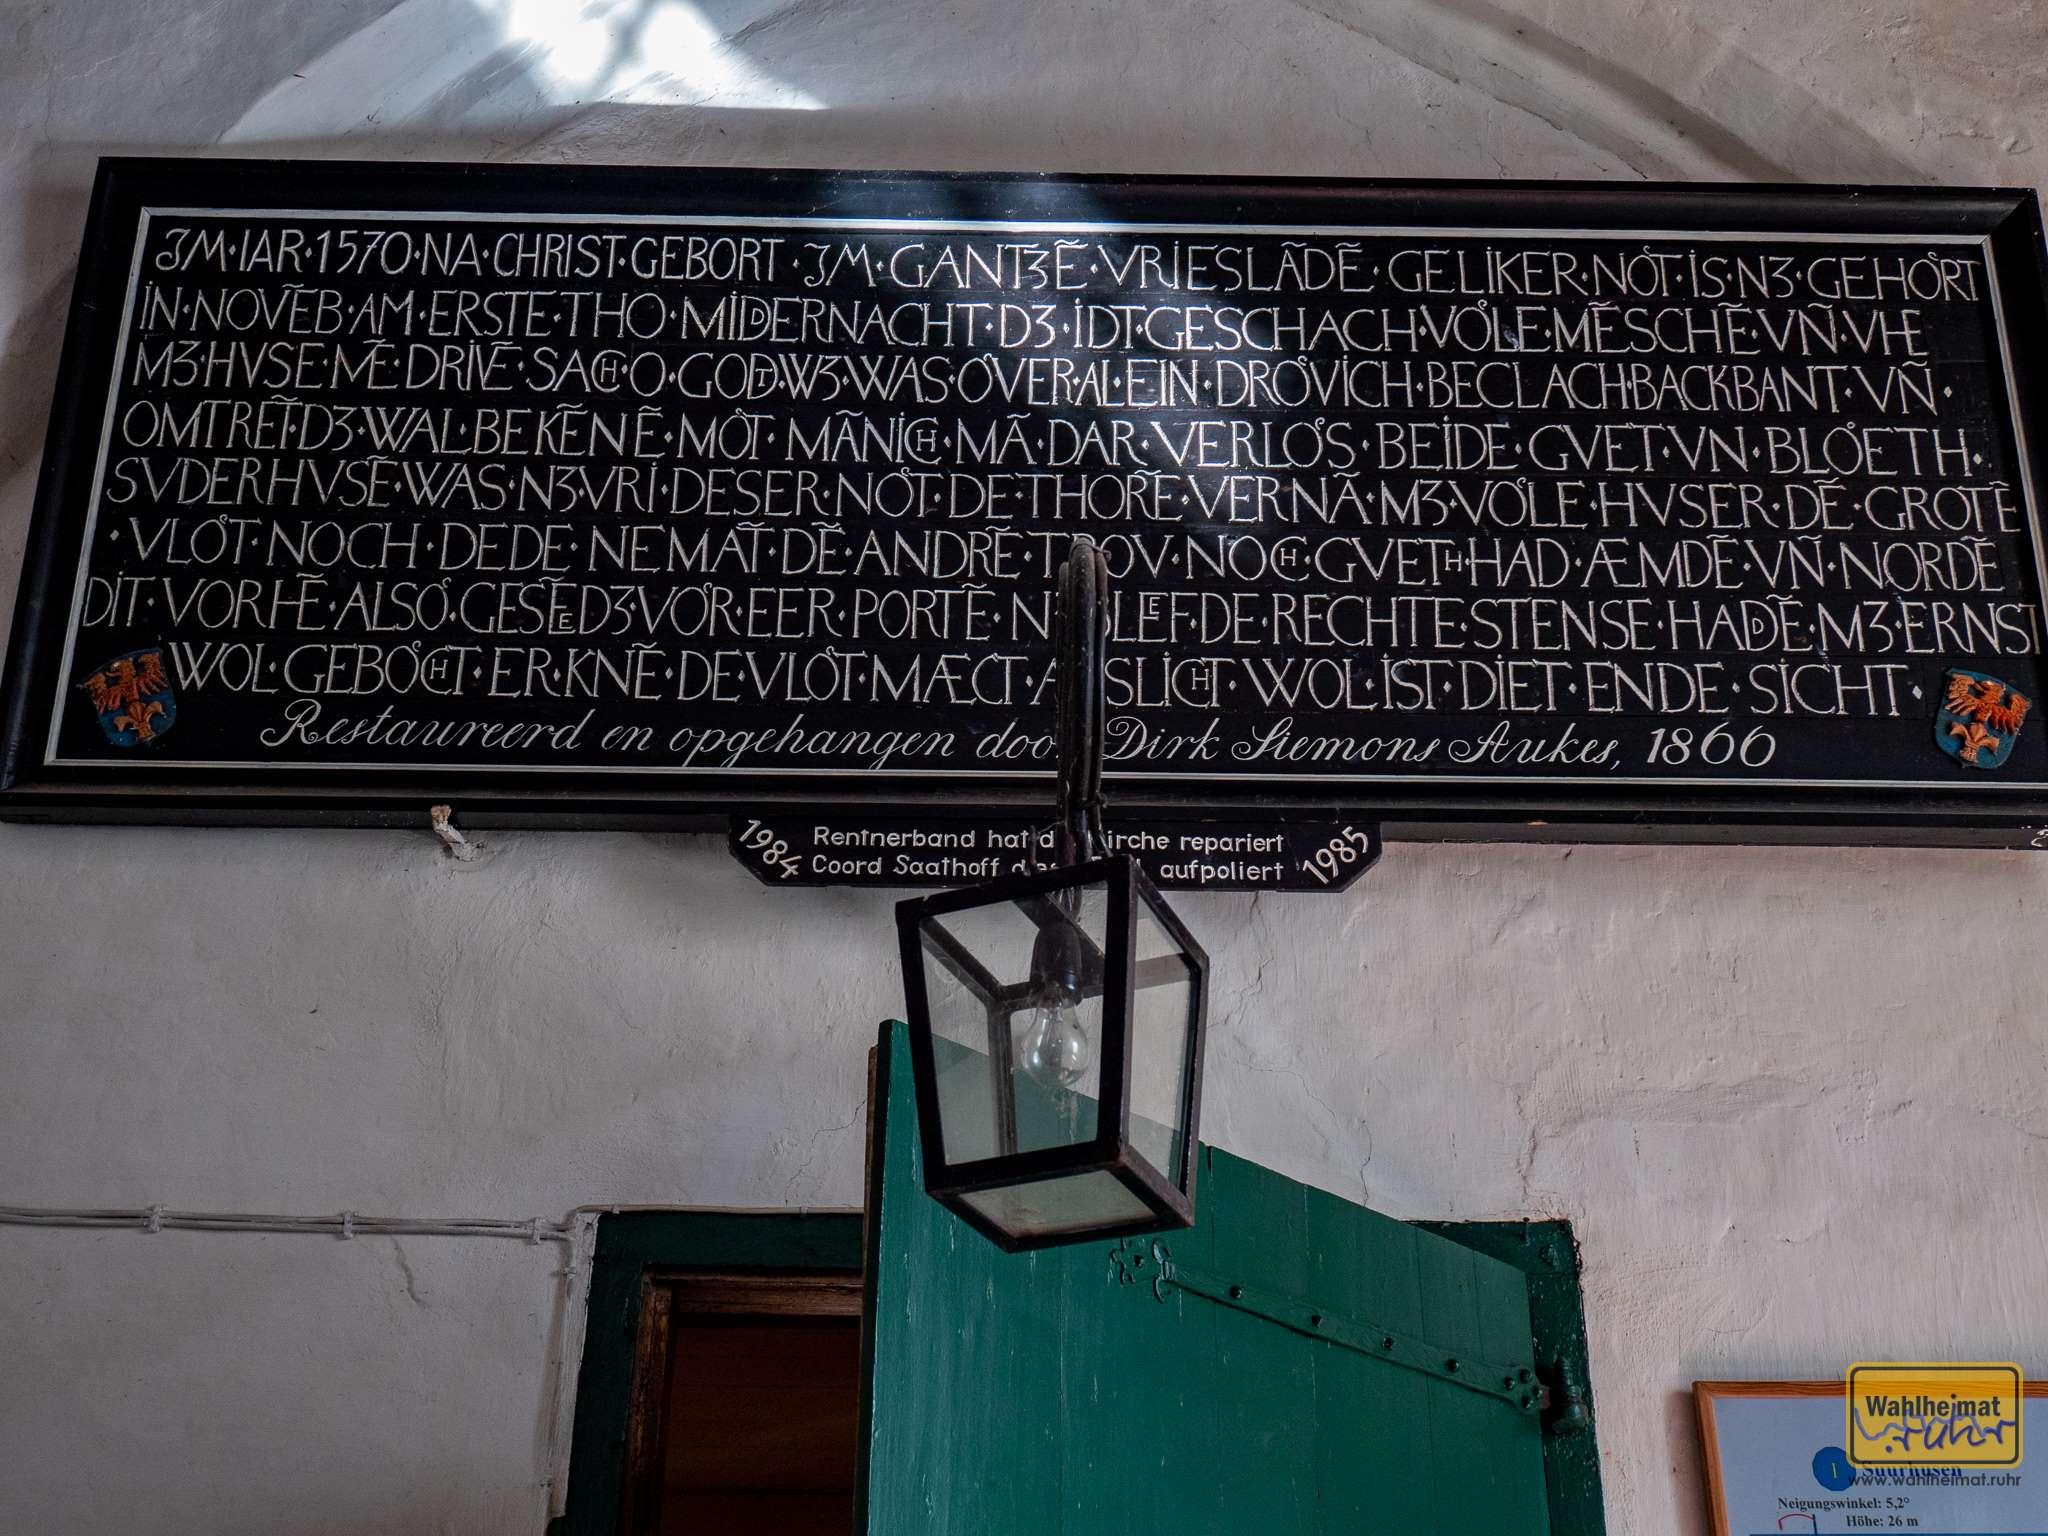 Spruch über der Tür zum Kircheninneren, er erinnert an die letzte Renovierung.